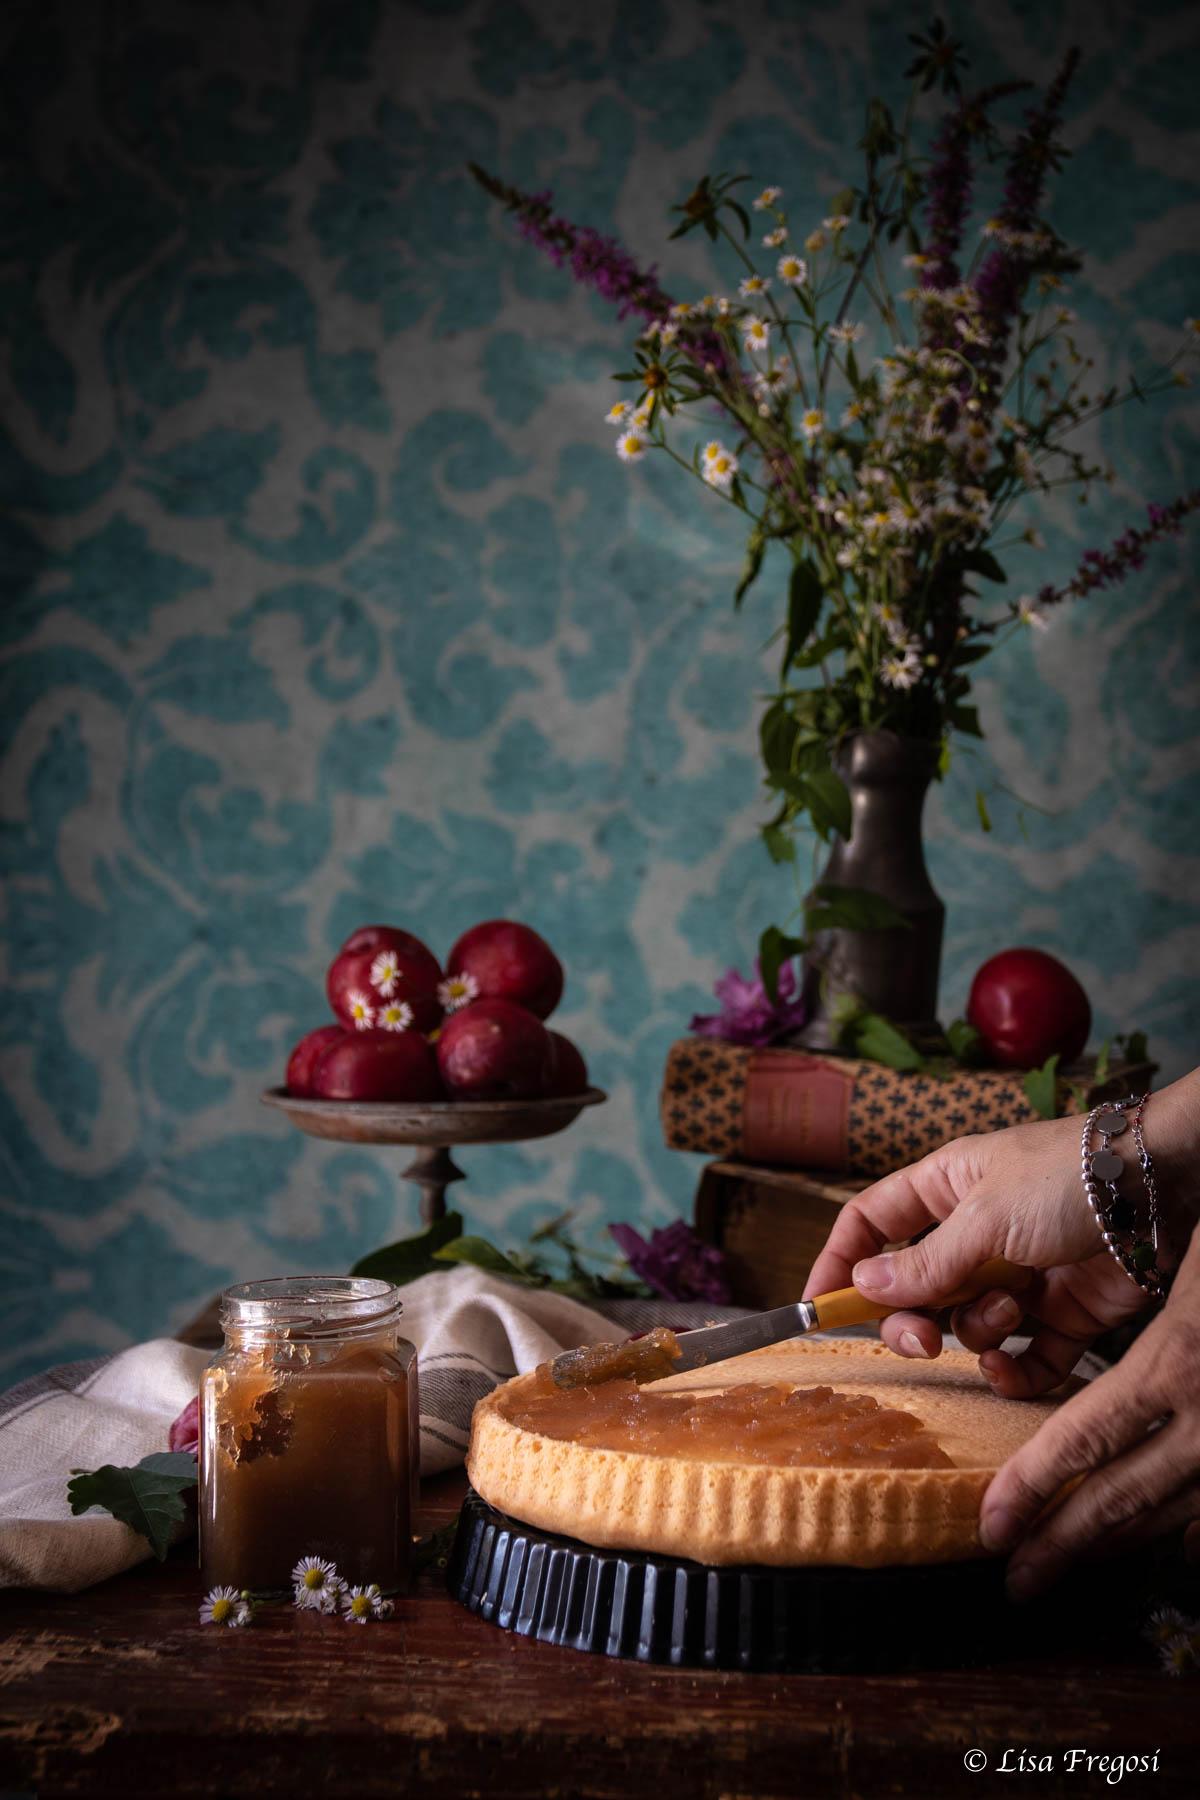 crostata morbida ricetta con susine fresche e confettura di limoni